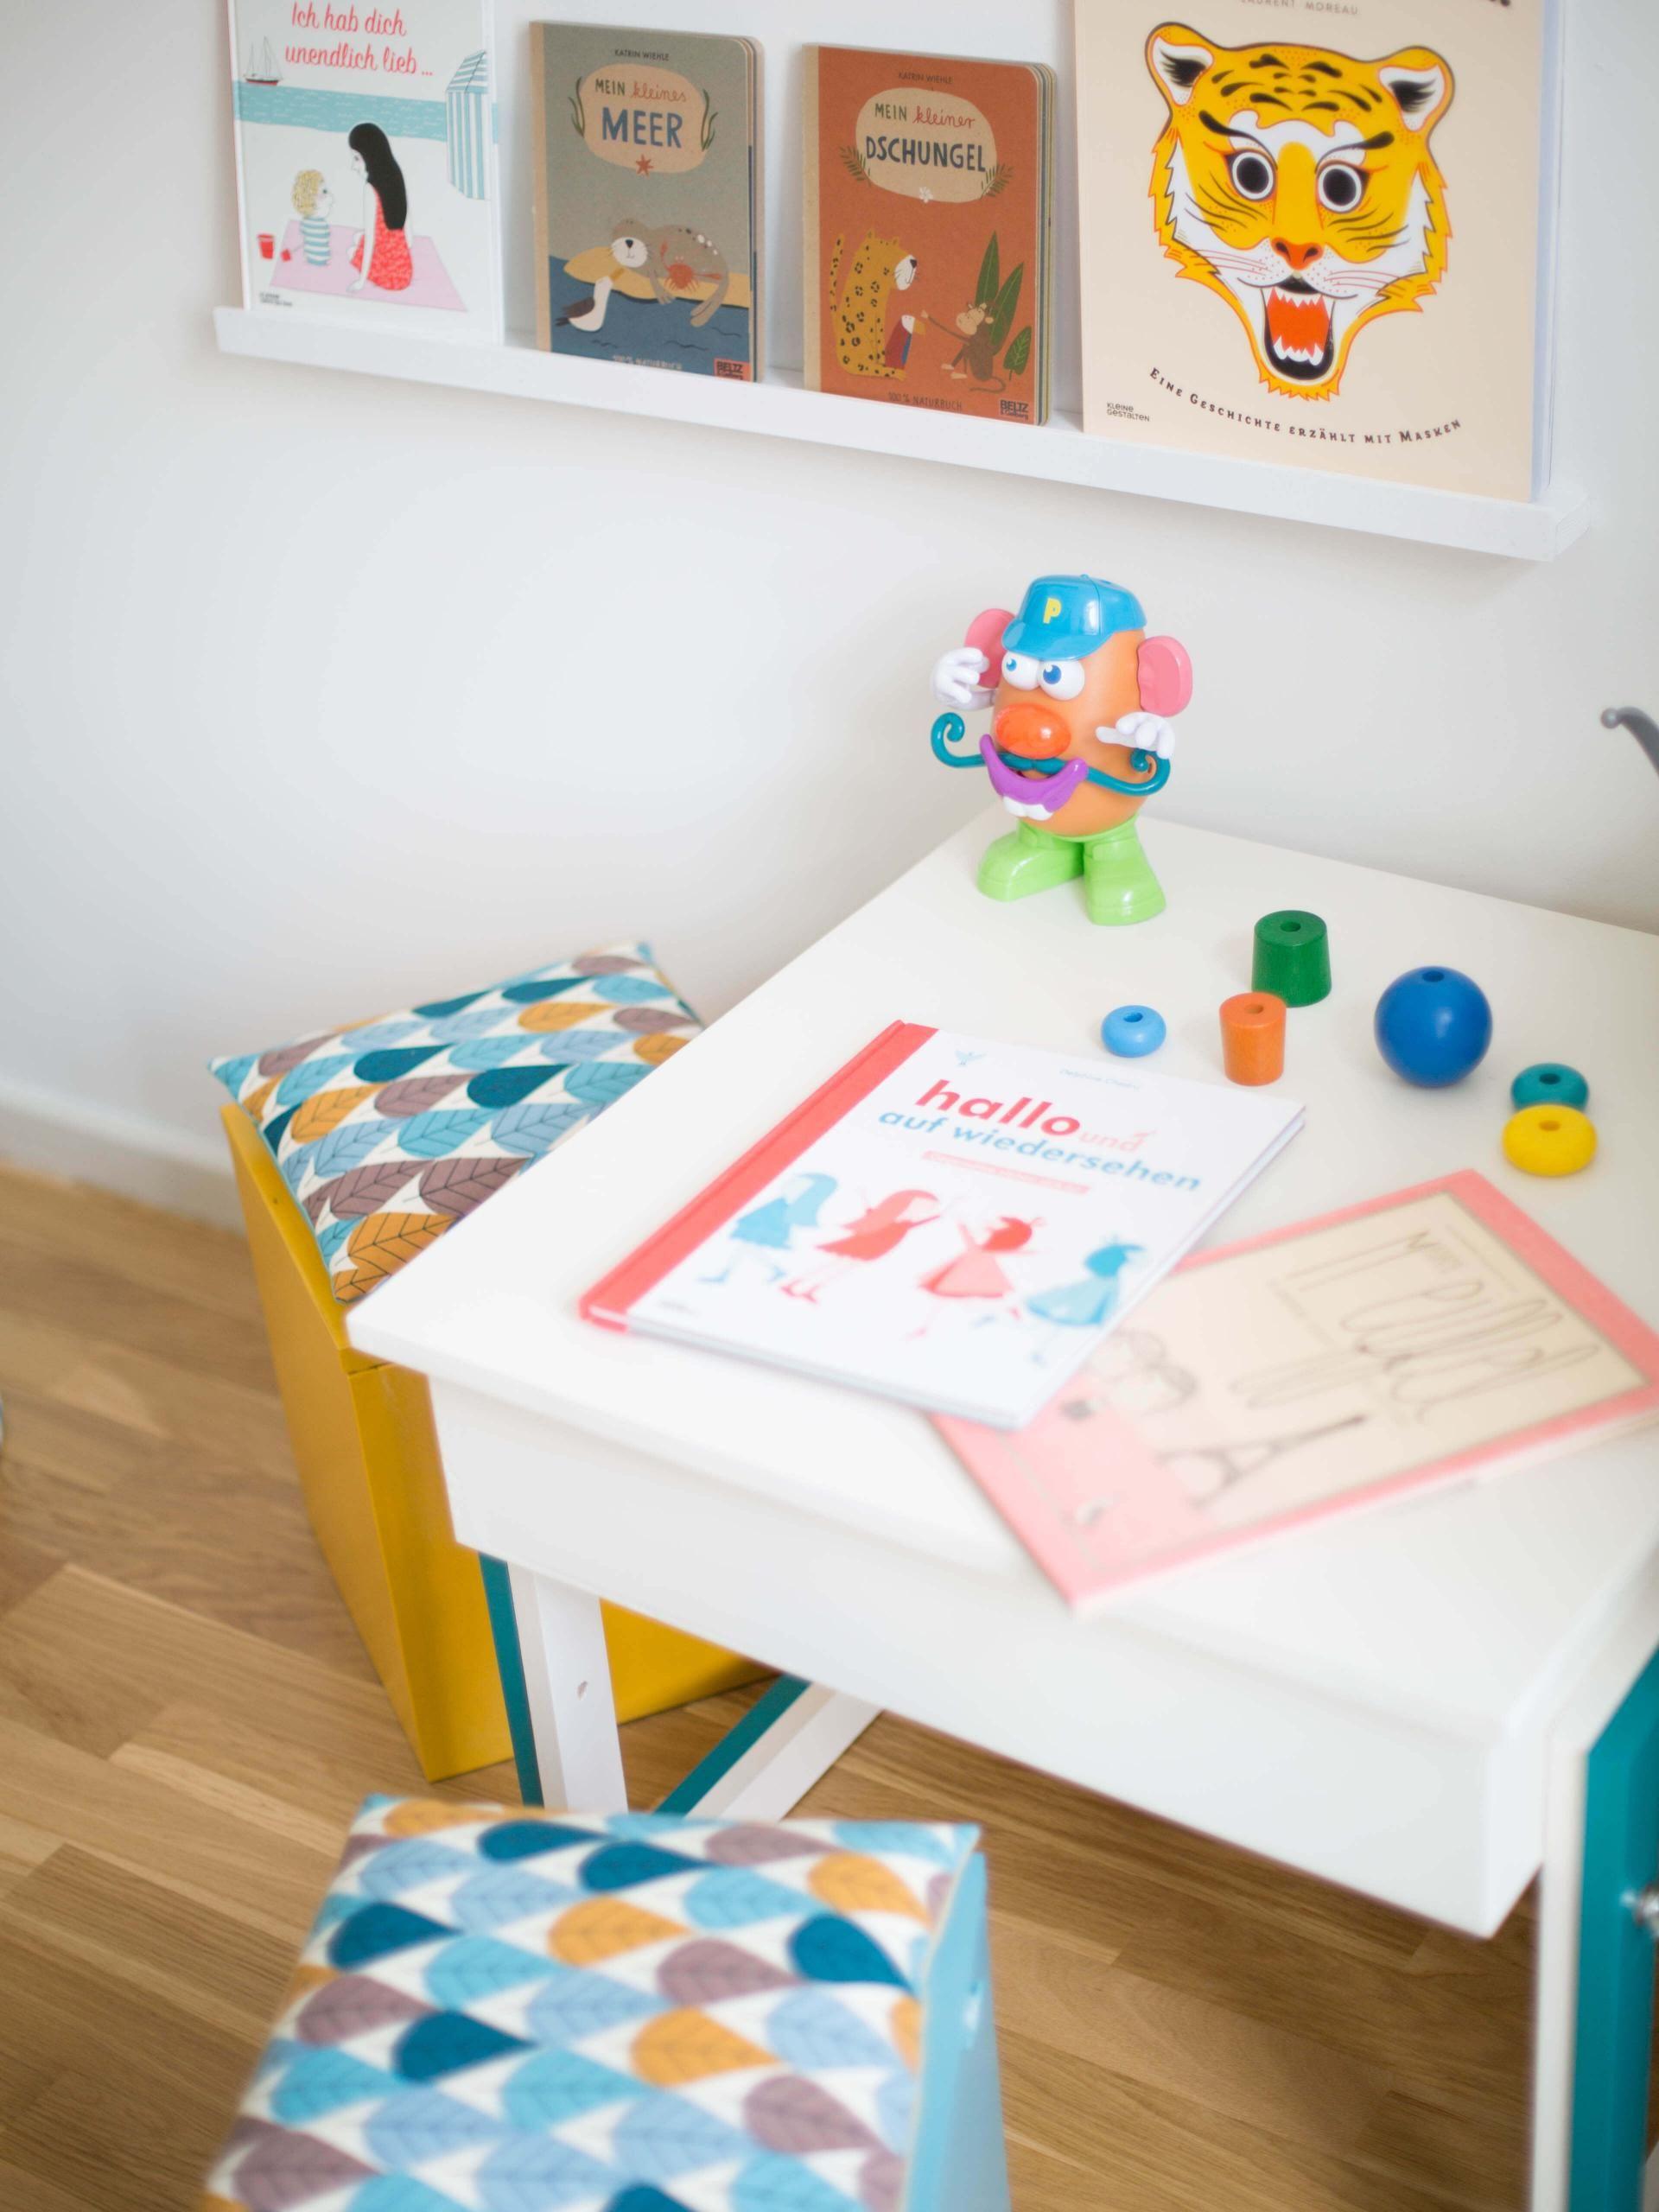 Kinderzimmer Makeover mit DaWanda   Kinderzimmer, Dawanda und ...